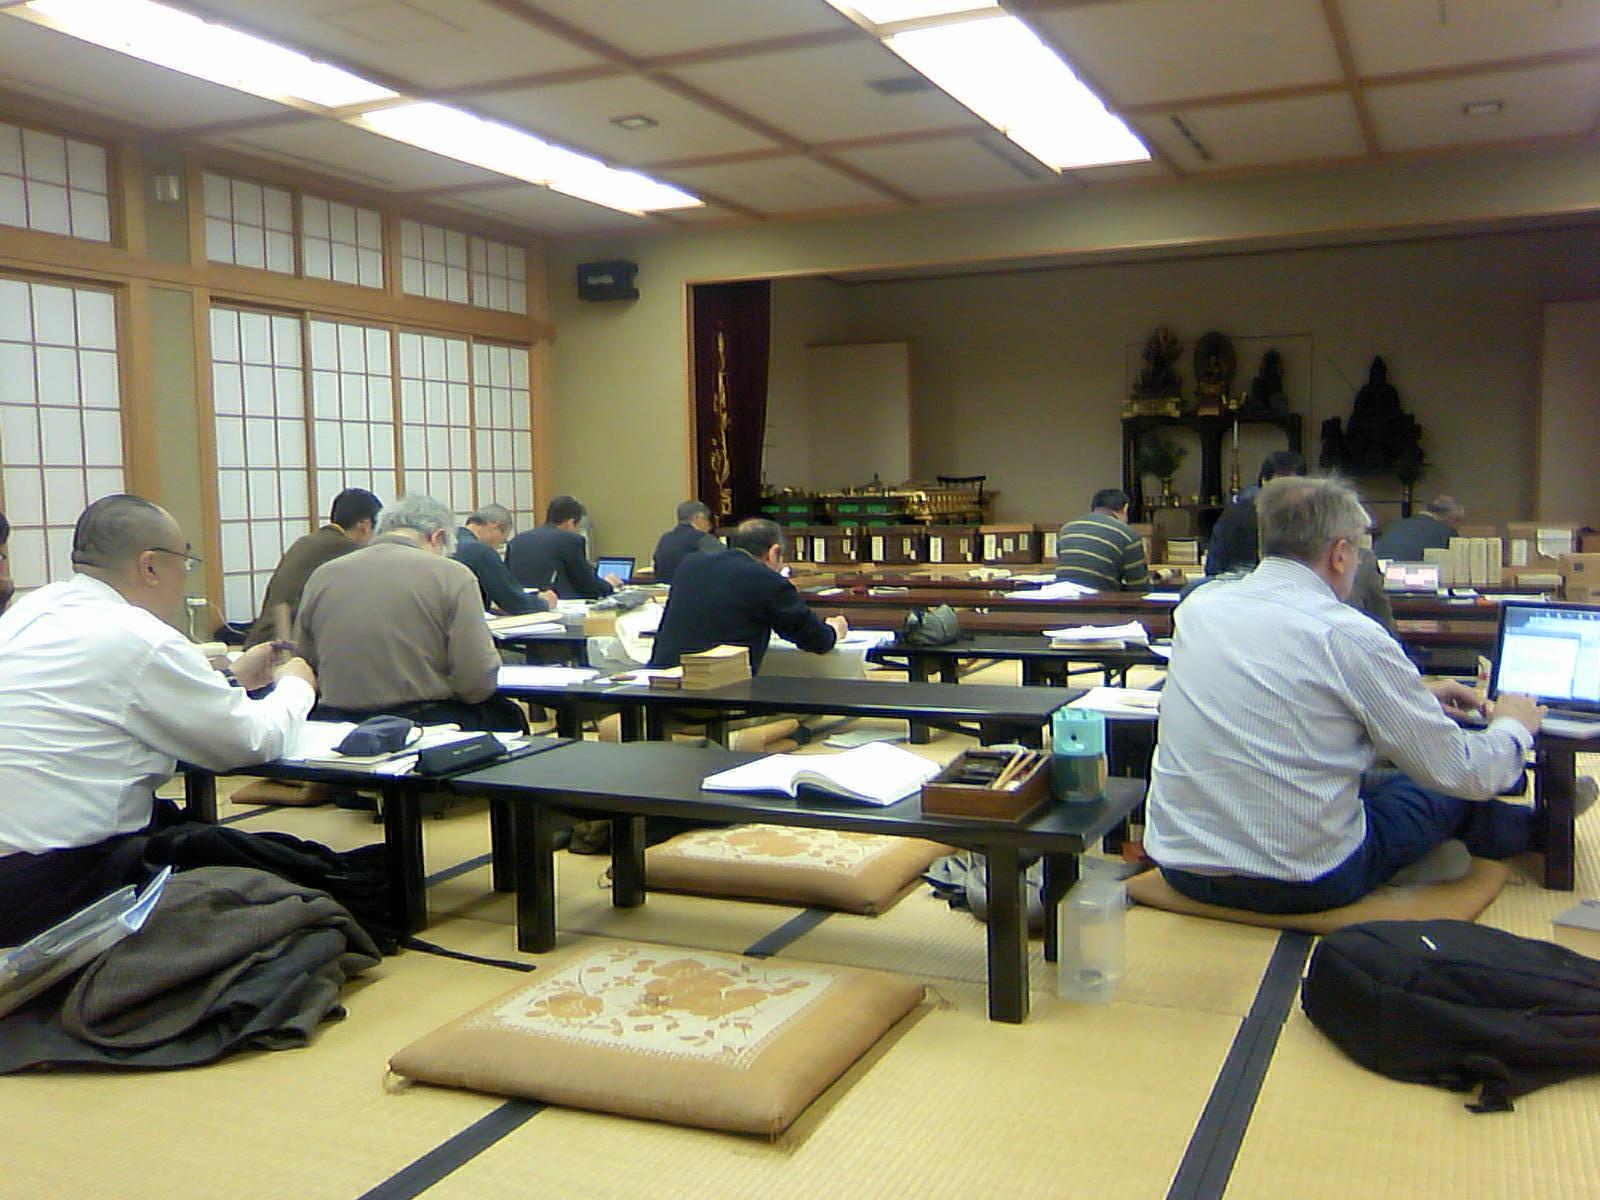 石山寺文化財綜合調査団の調査風景